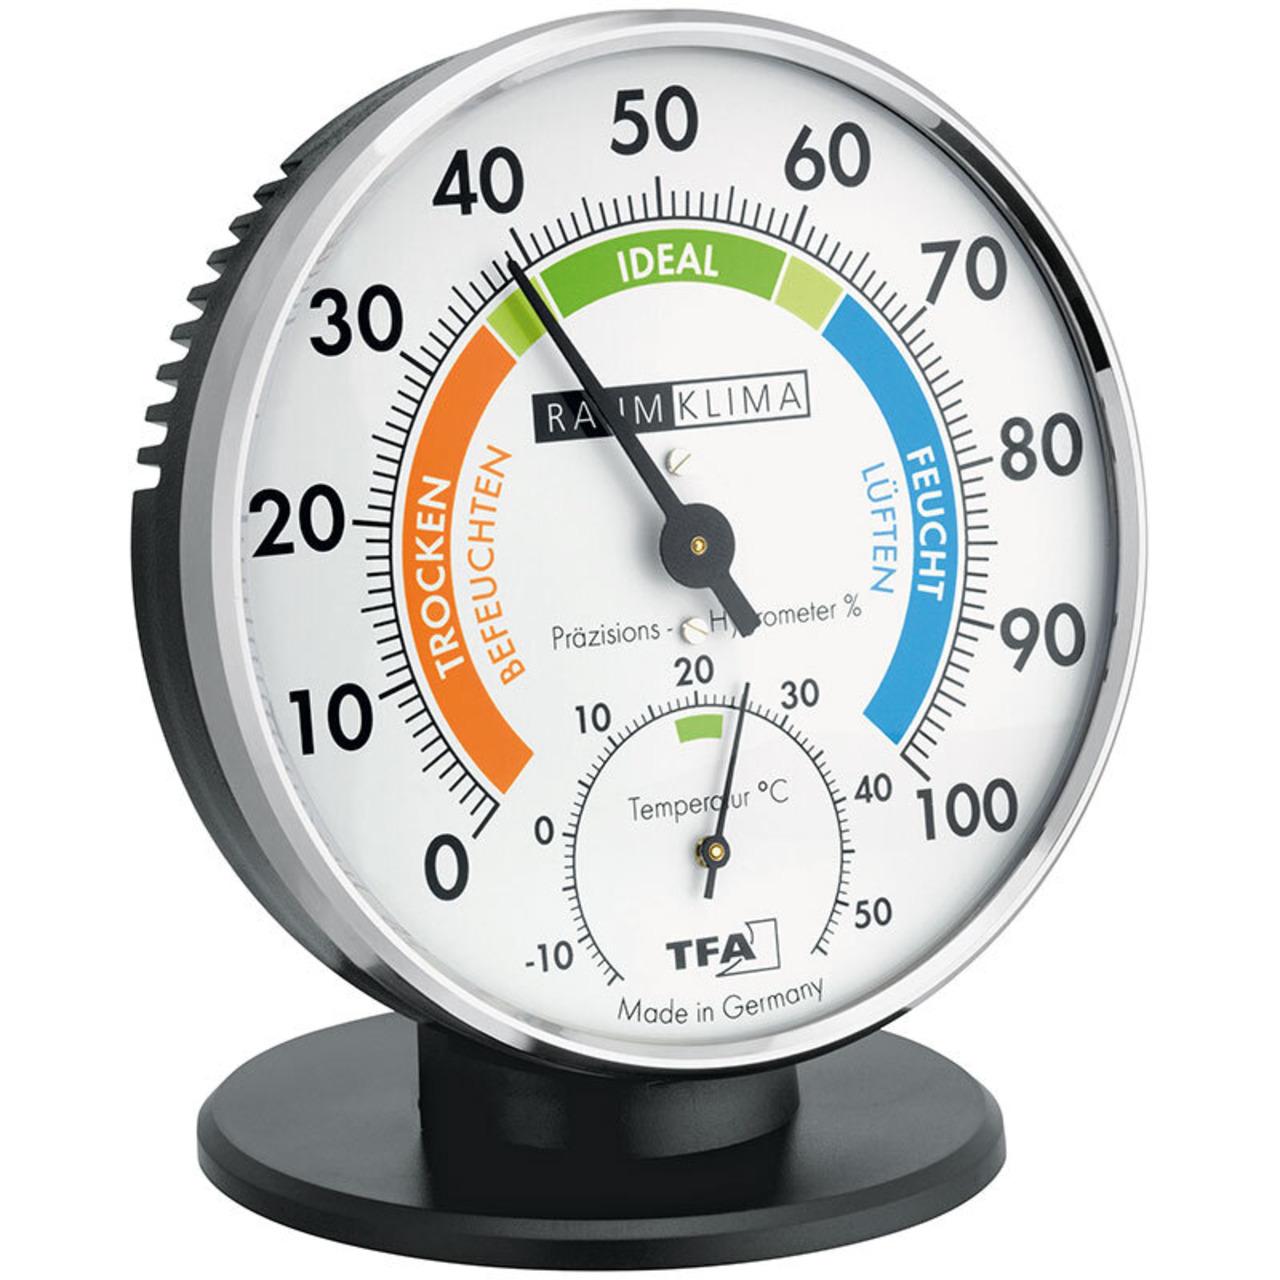 TFA analoges Thermo-Hygrometer- mit farbigen Komfortzonen- mit Standfuss